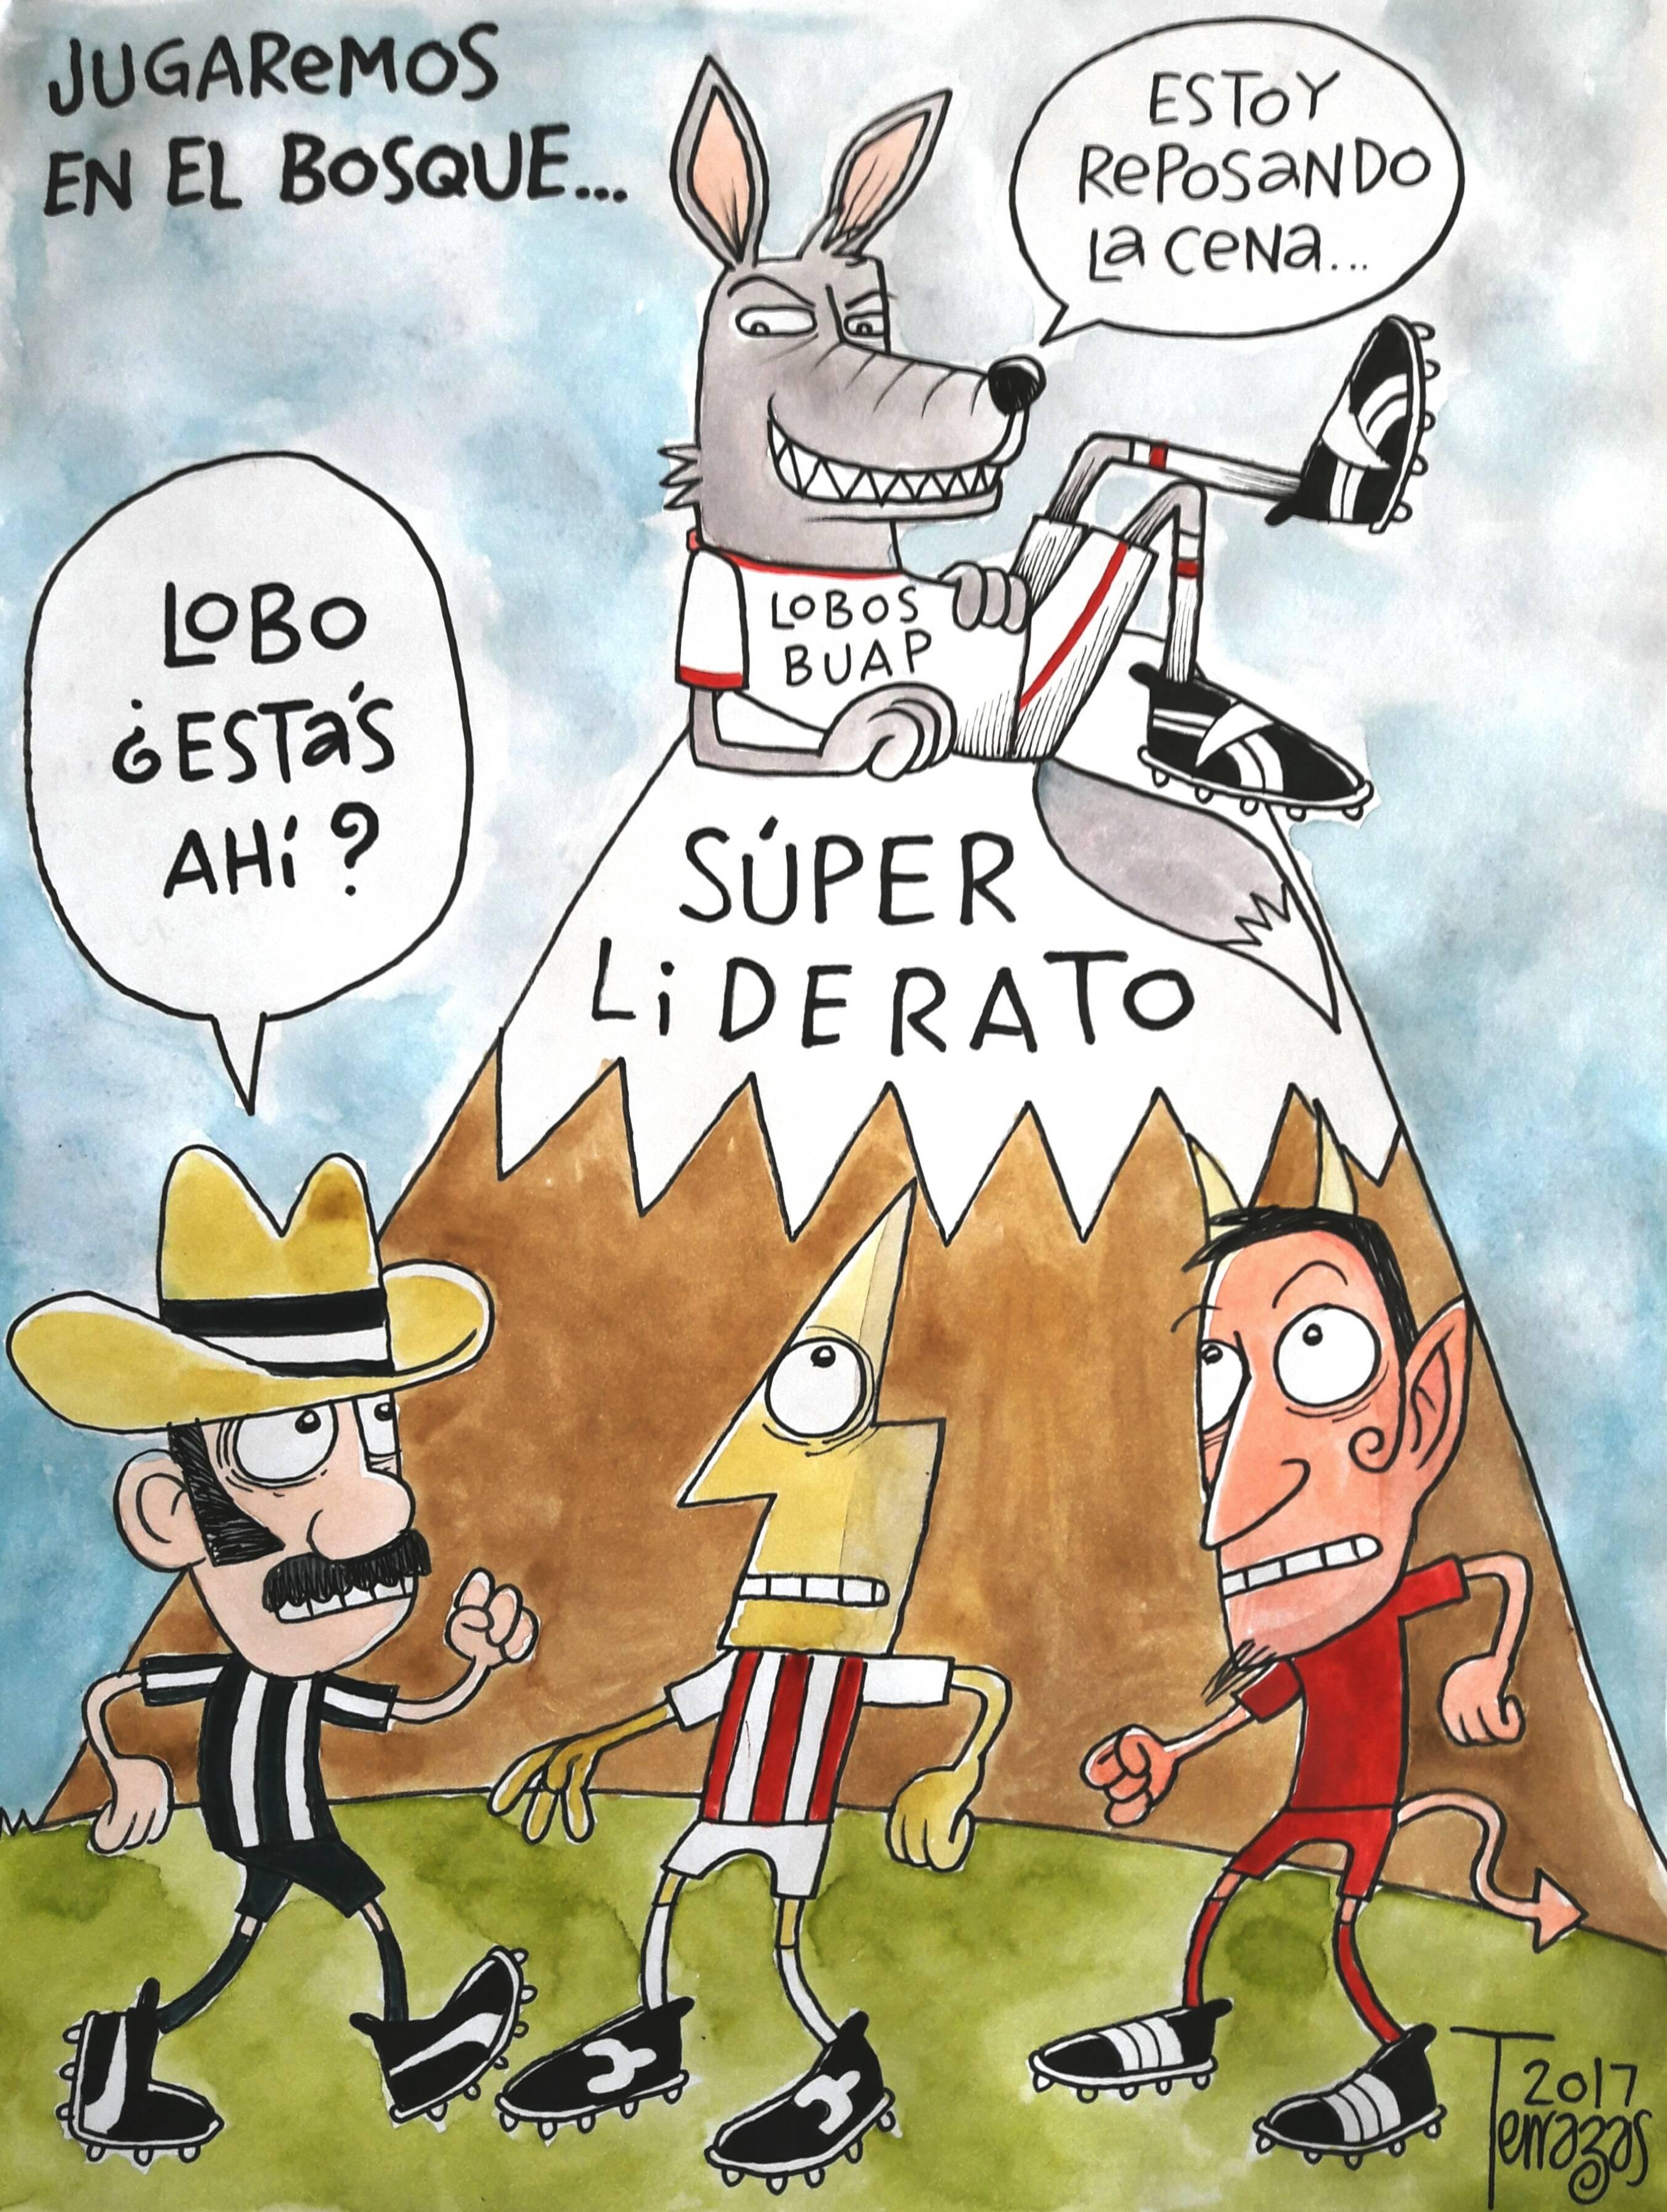 El sorpresivo liderato de Lobos BUAP, en el cartón del día